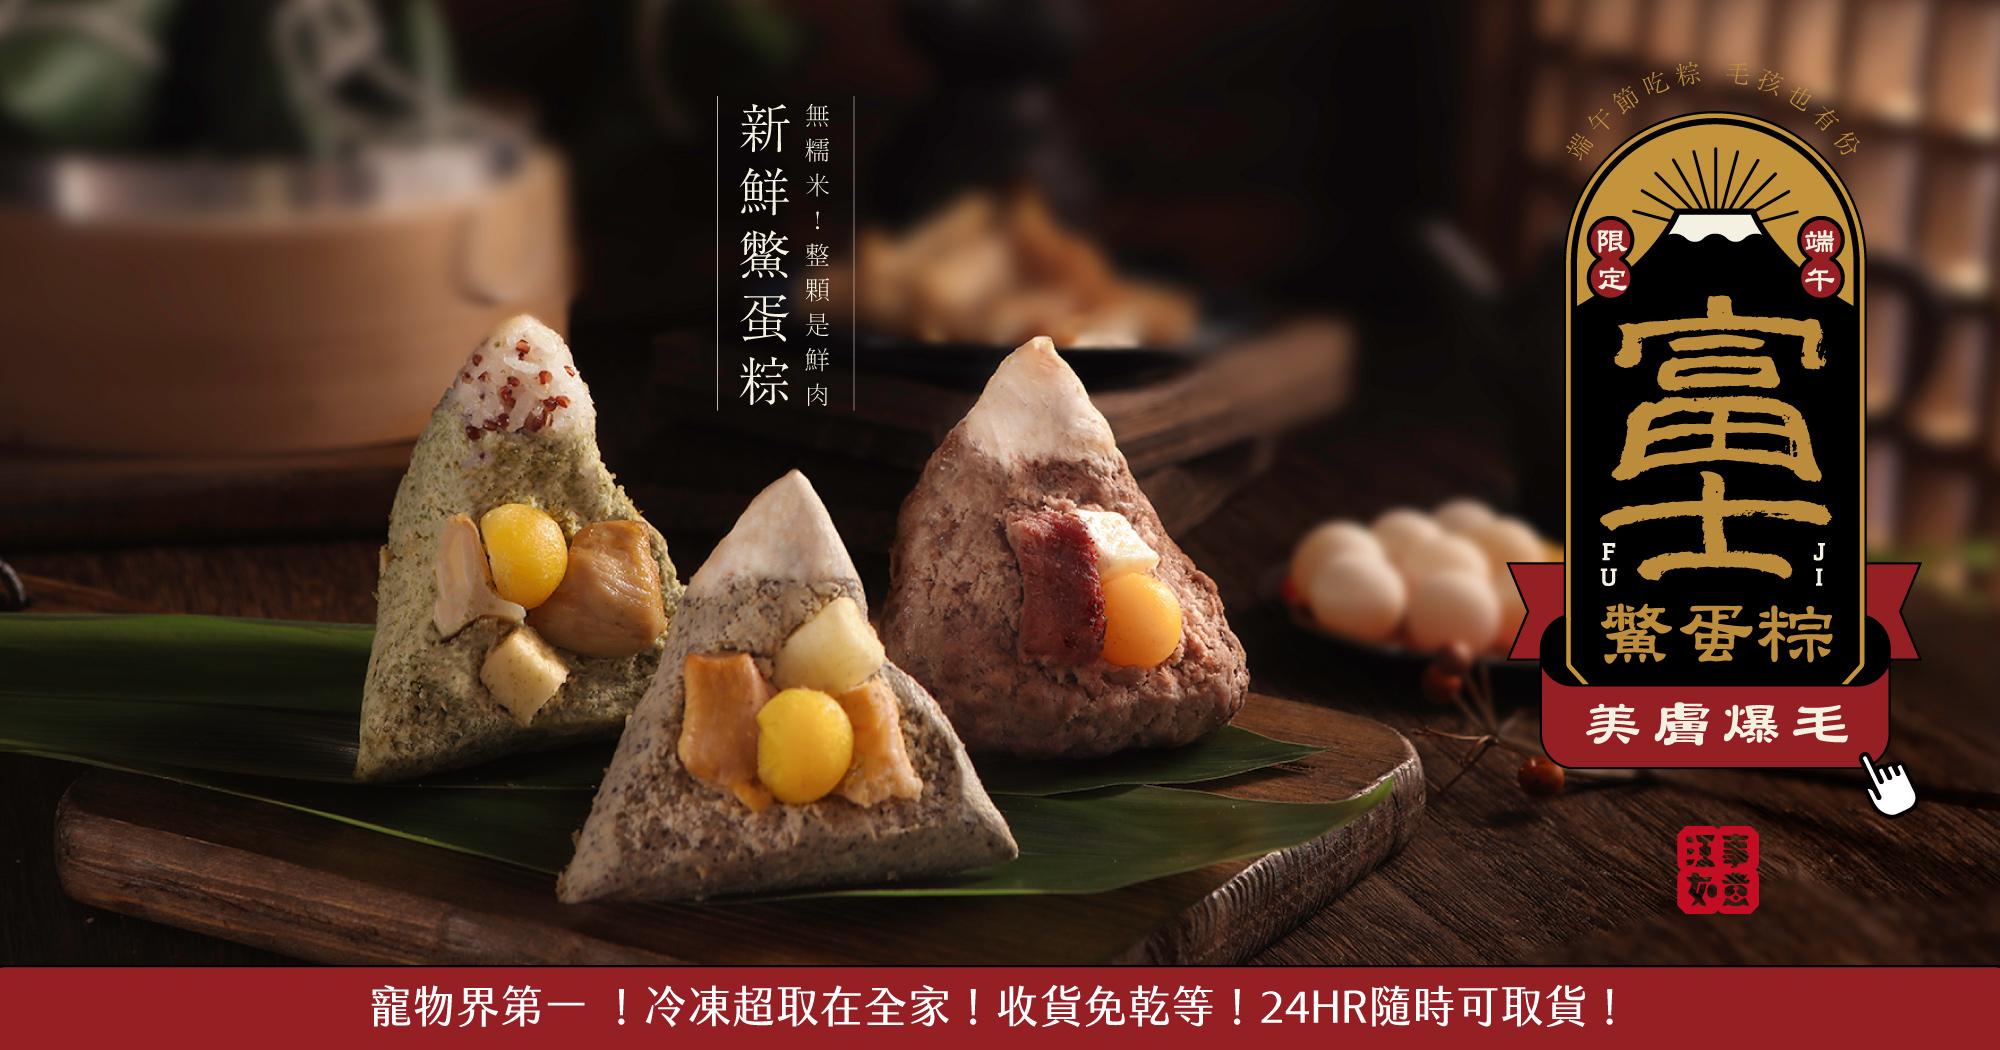 寵物粽子,狗粽子,鱉蛋粽